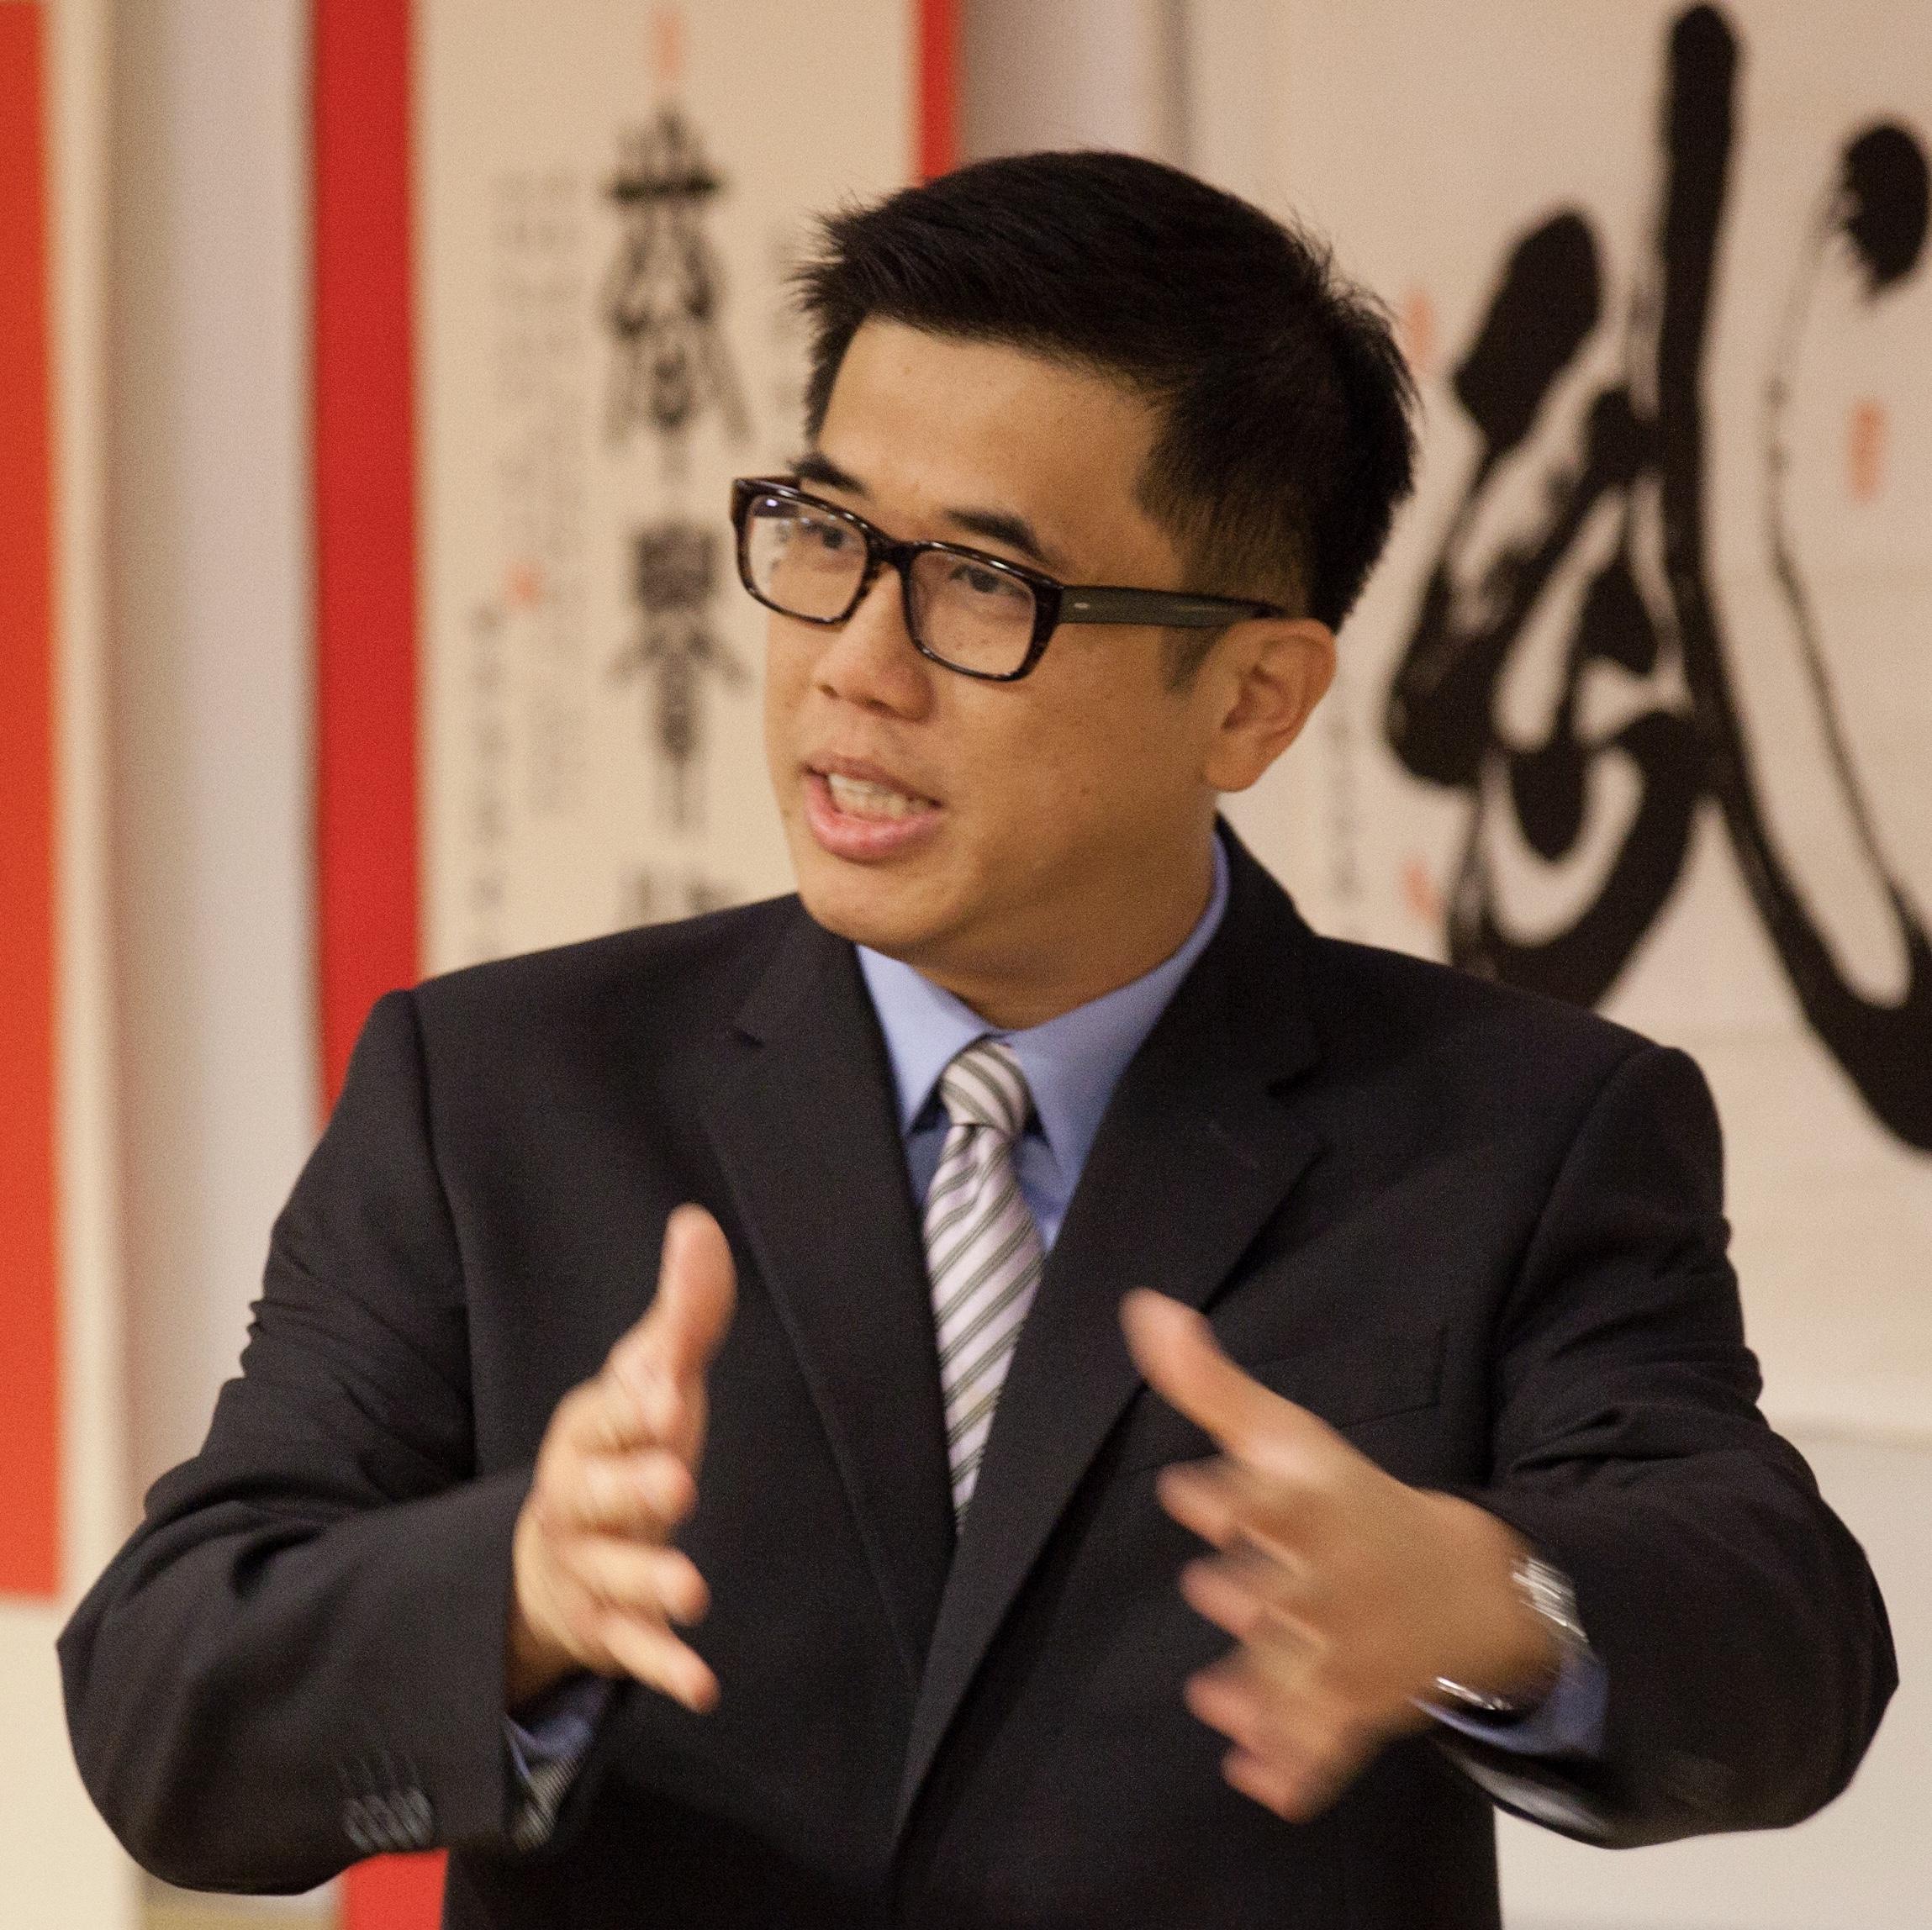 William_Kwok_at_Hong_Kong_Baptist_University.jpg